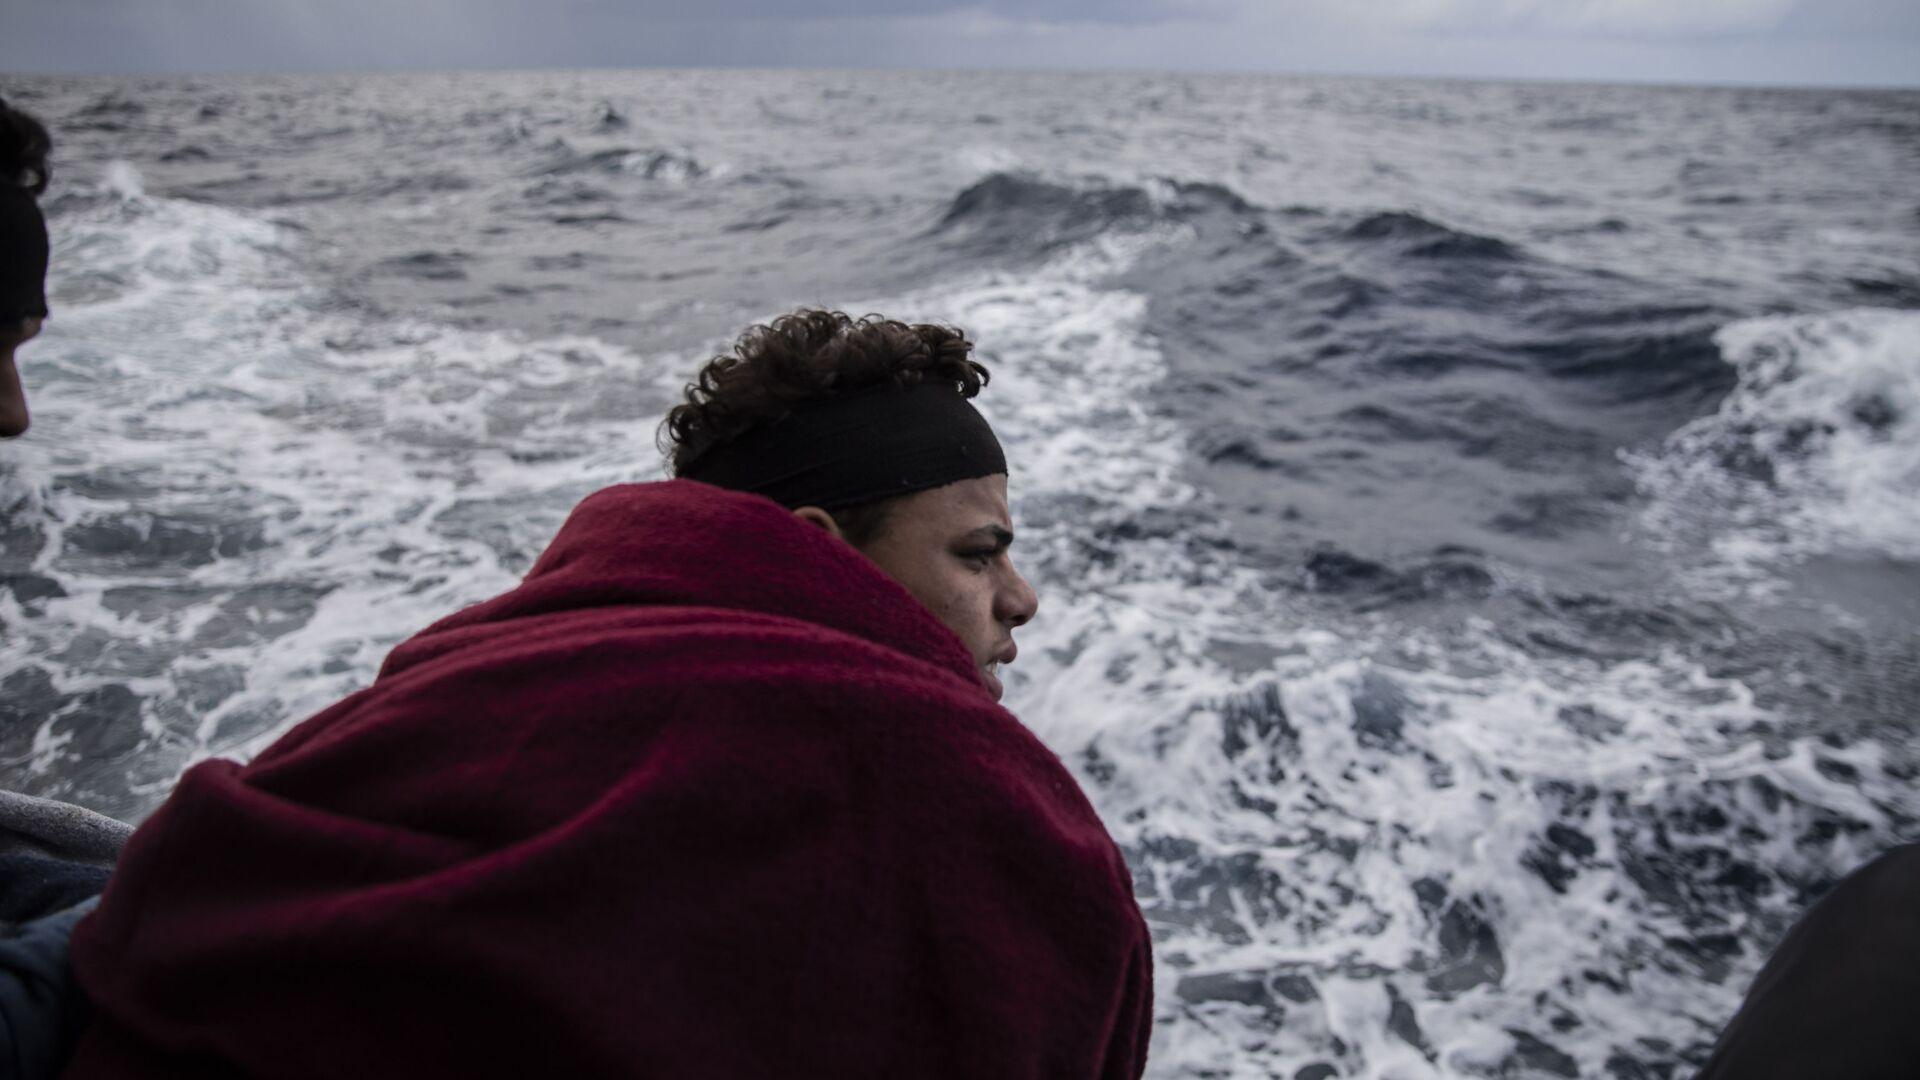 Un migrante en el mar Mediterráneo - Sputnik Mundo, 1920, 01.08.2021